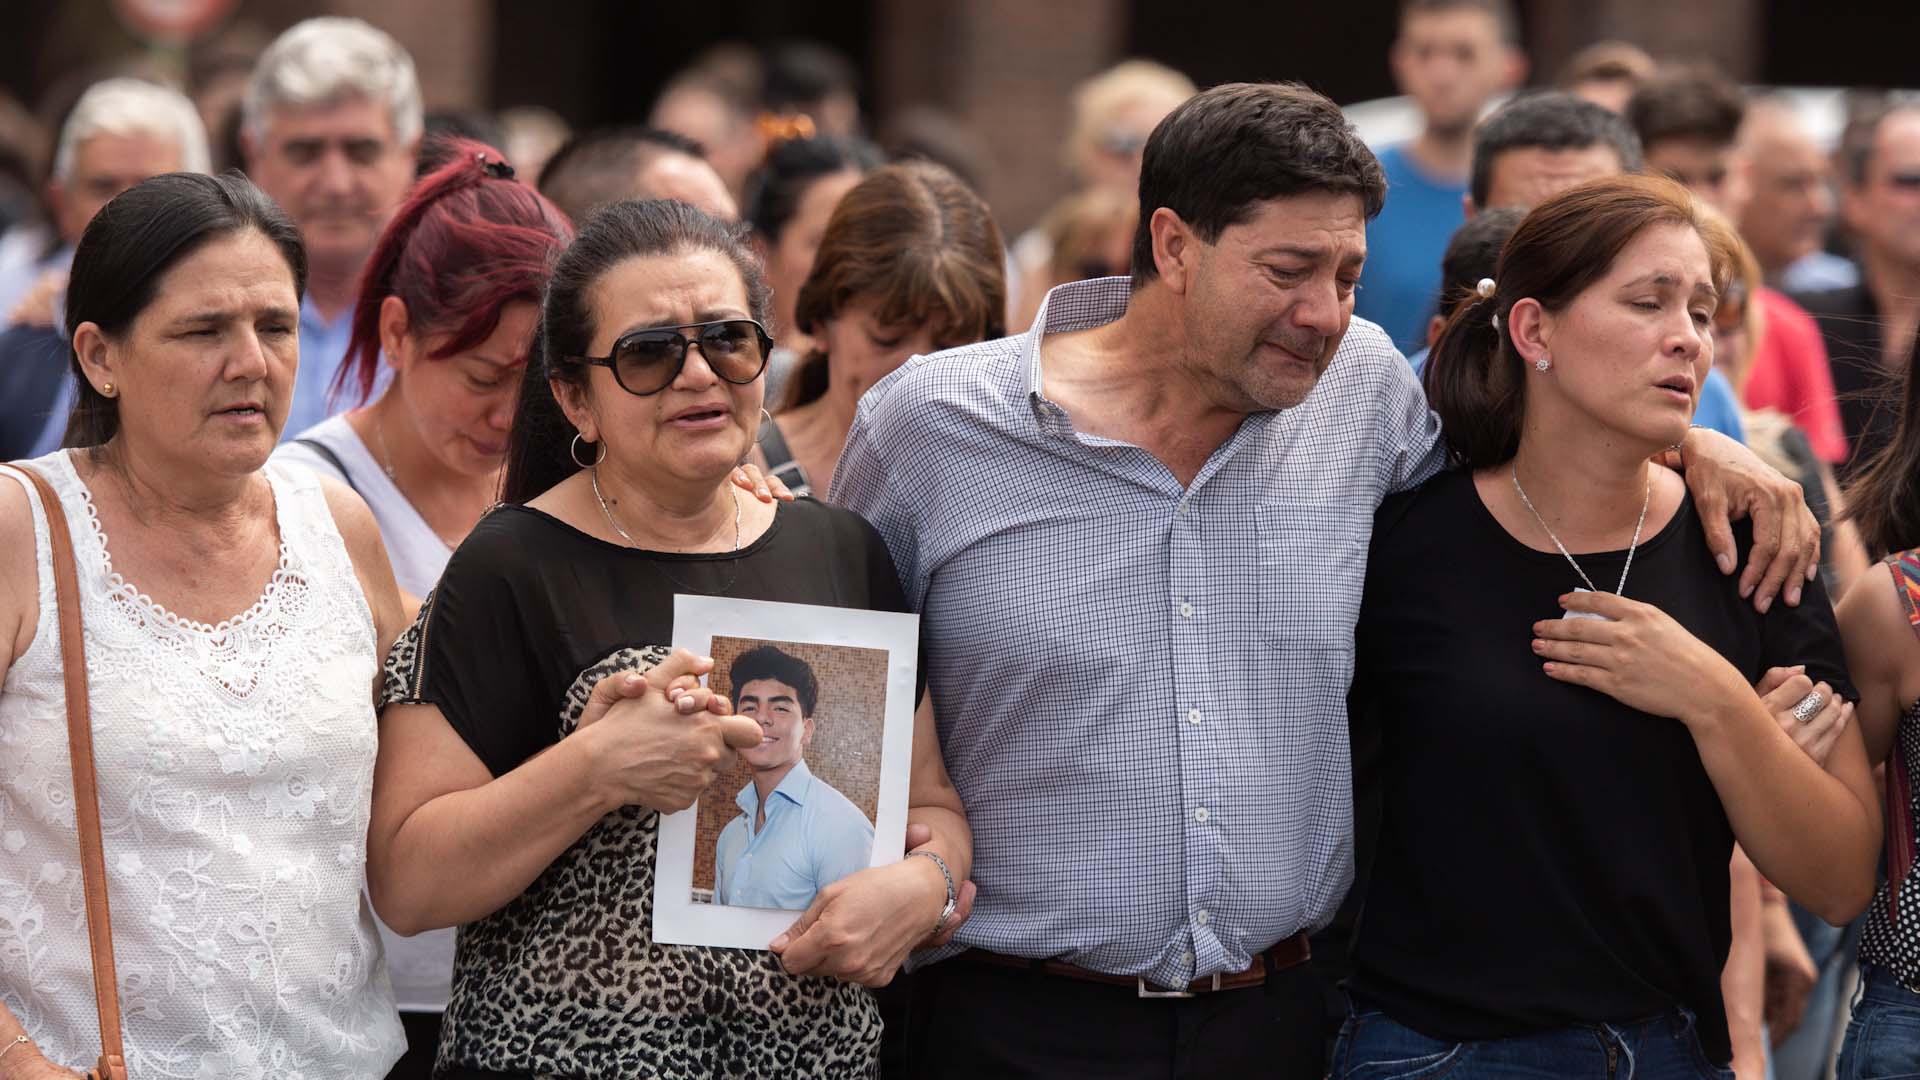 Familiares despiden a Fernando Báez Sosa, asesinado a golpes por un grupo de rugbiers el 18 de enero